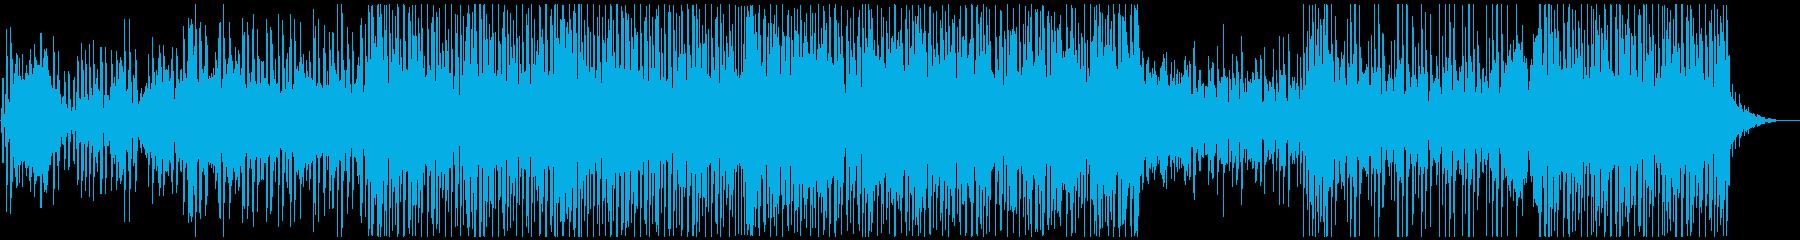 トロピカルハウス風 EDMの再生済みの波形